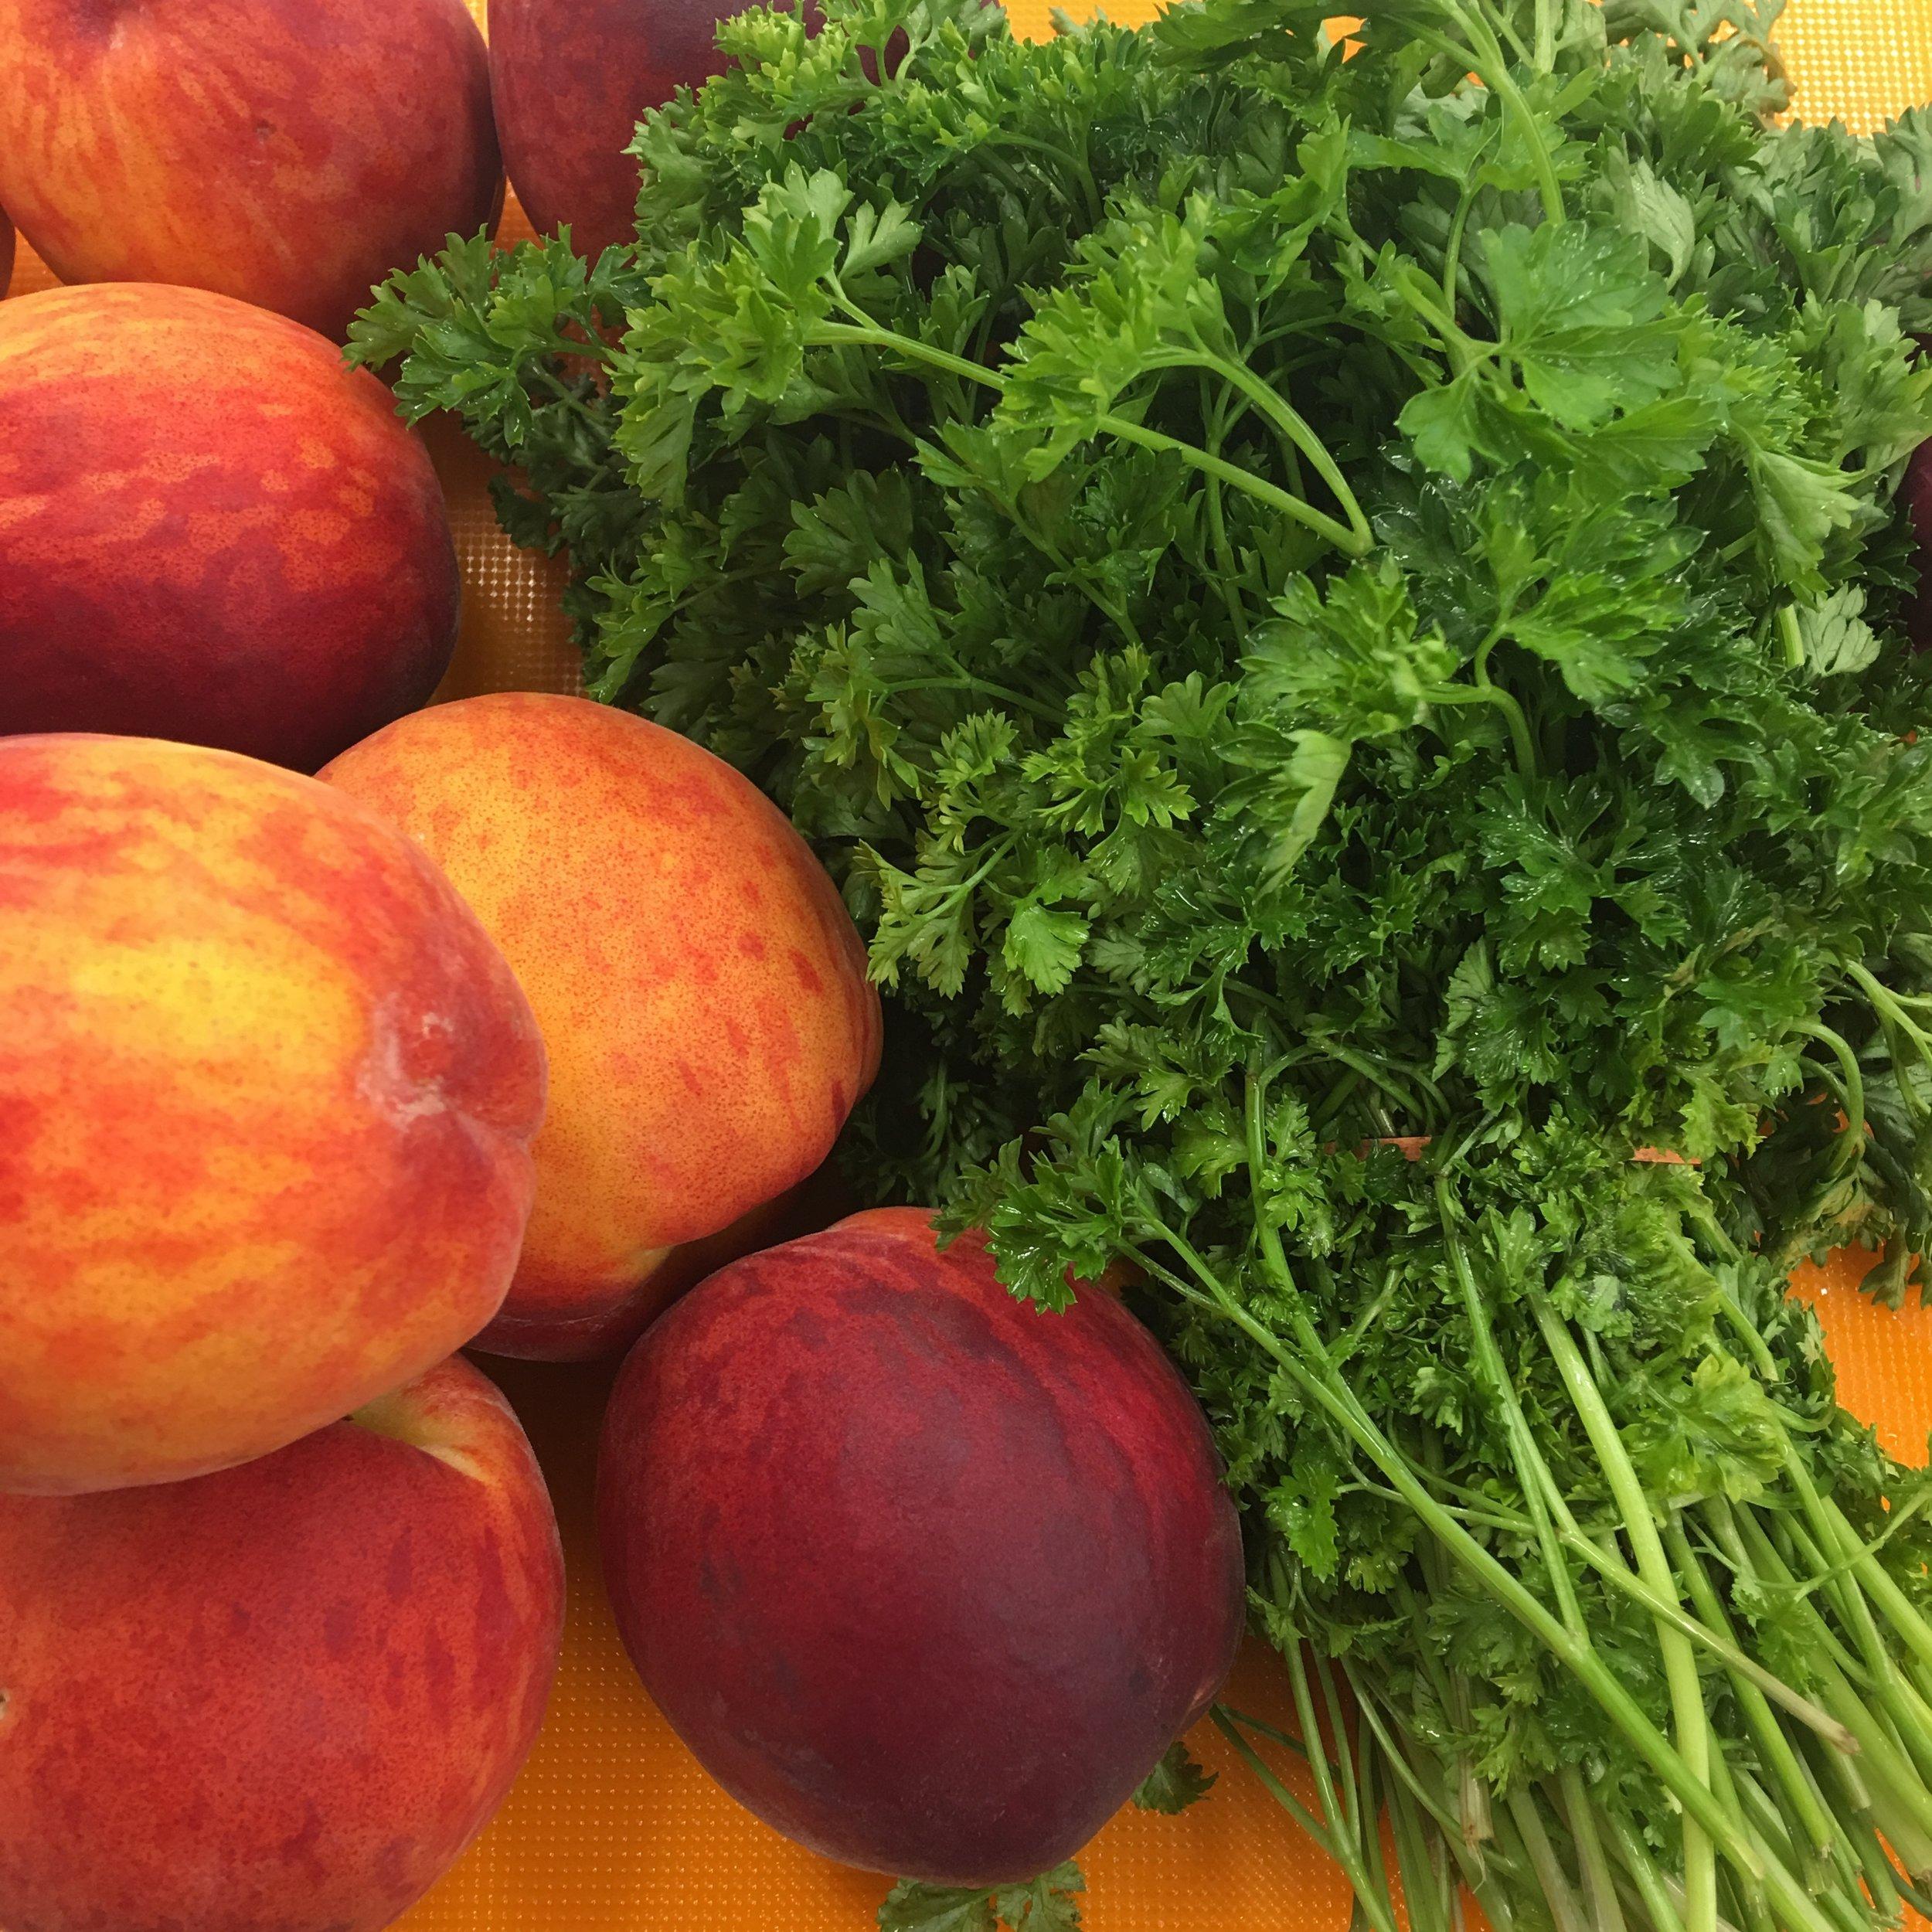 Peaches and parsley pic for peach salsa.jpg